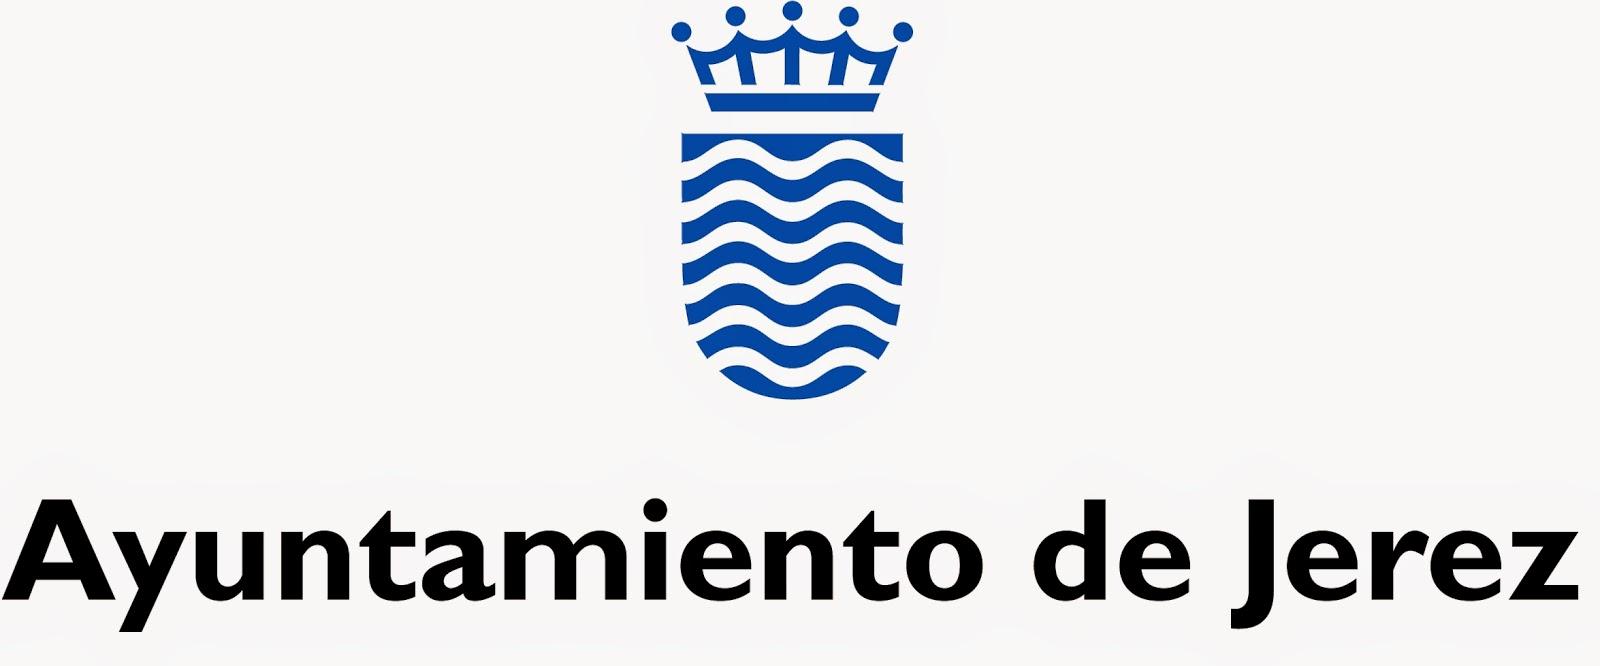 Convenio año 2019 Ayuntamiento de Jerez